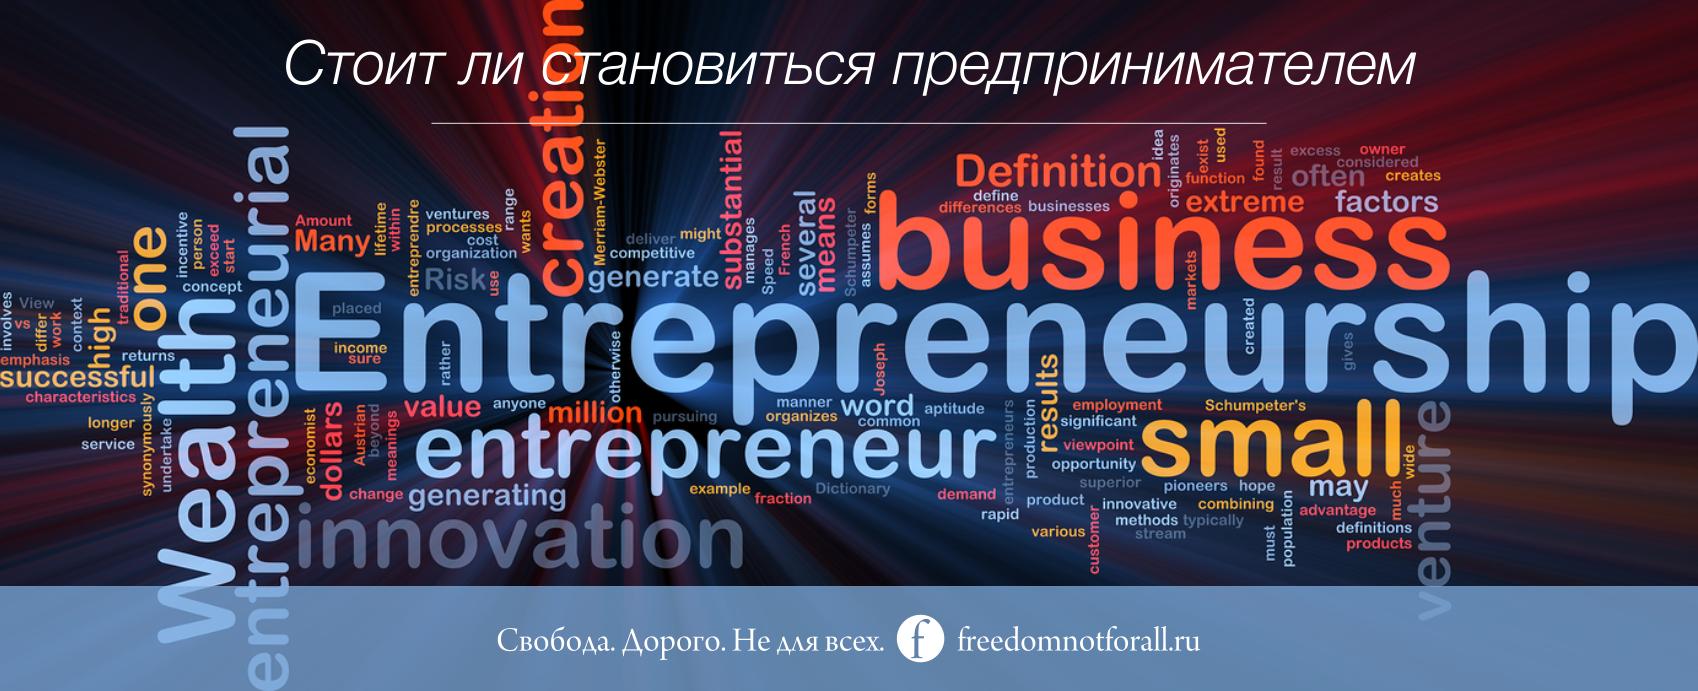 Стоит ли становиться предпринимателем